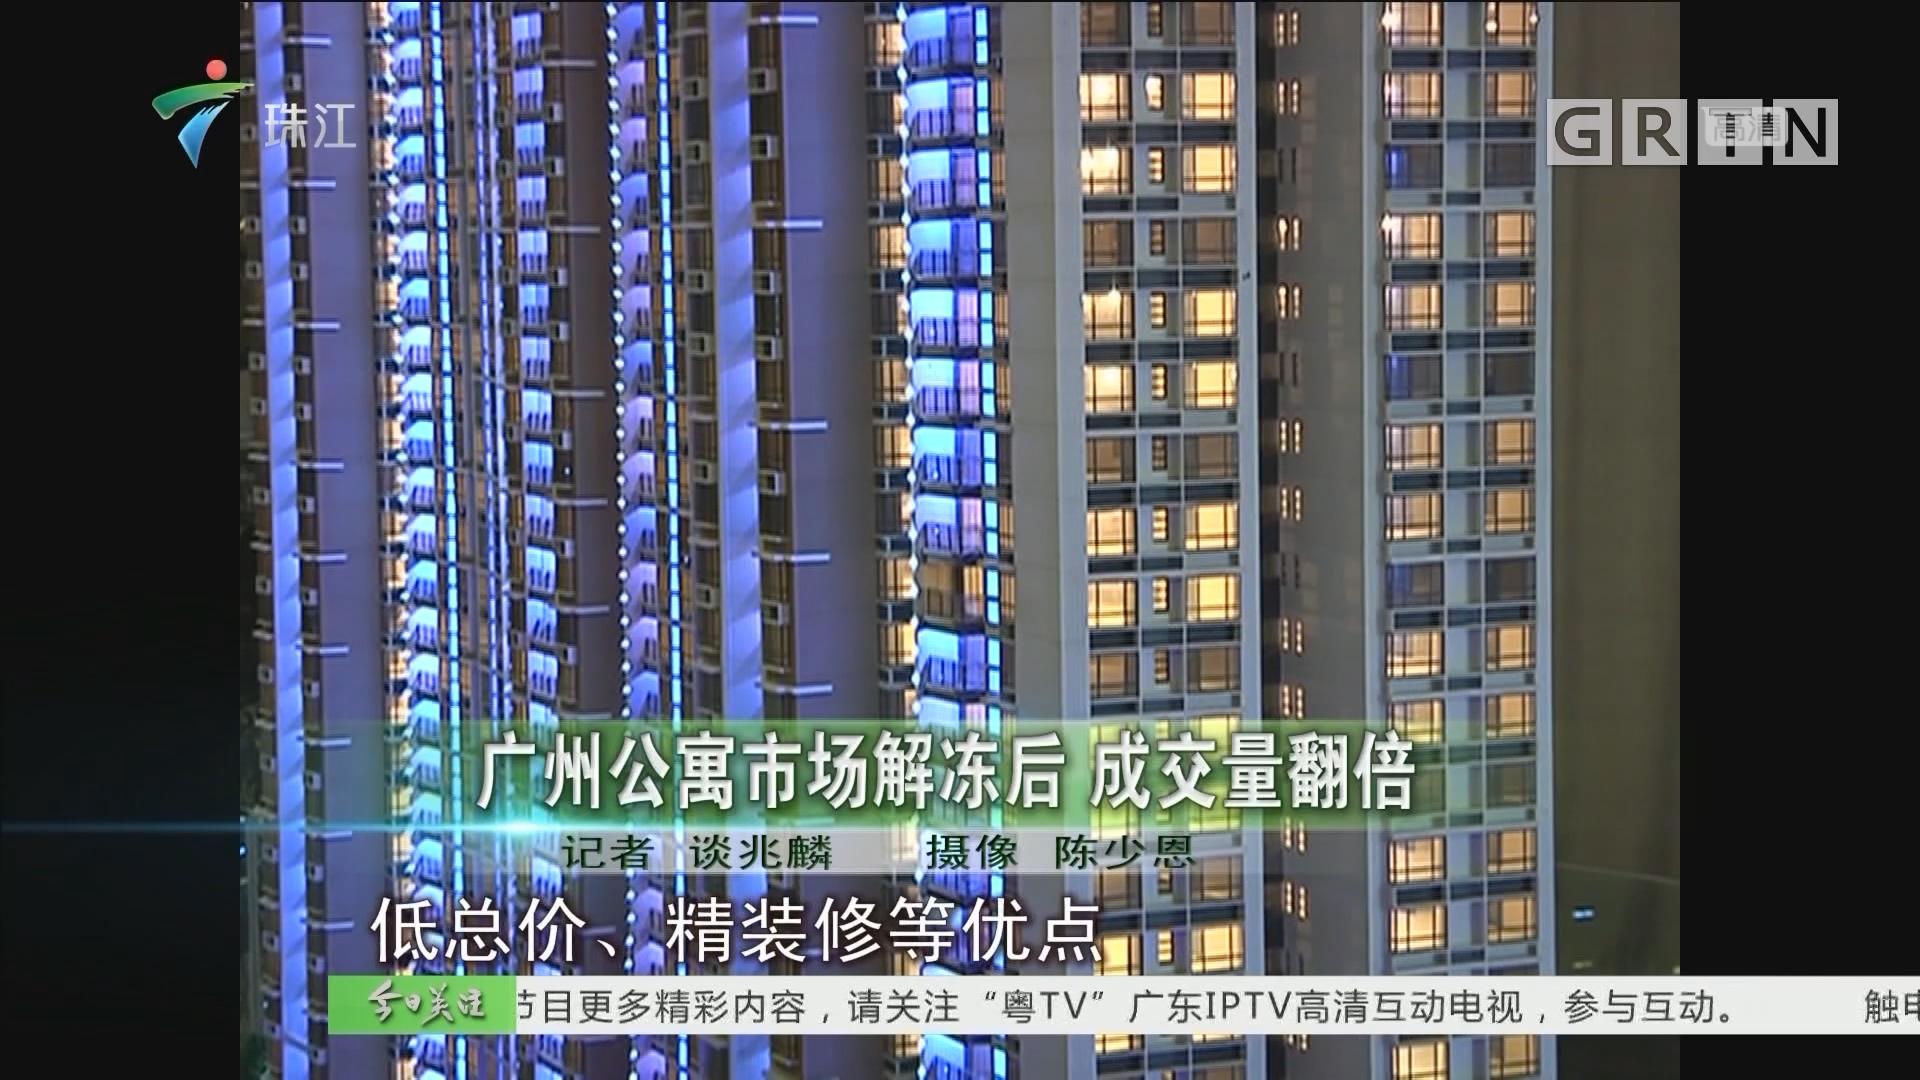 广州公寓市场解冻后 成交量翻倍